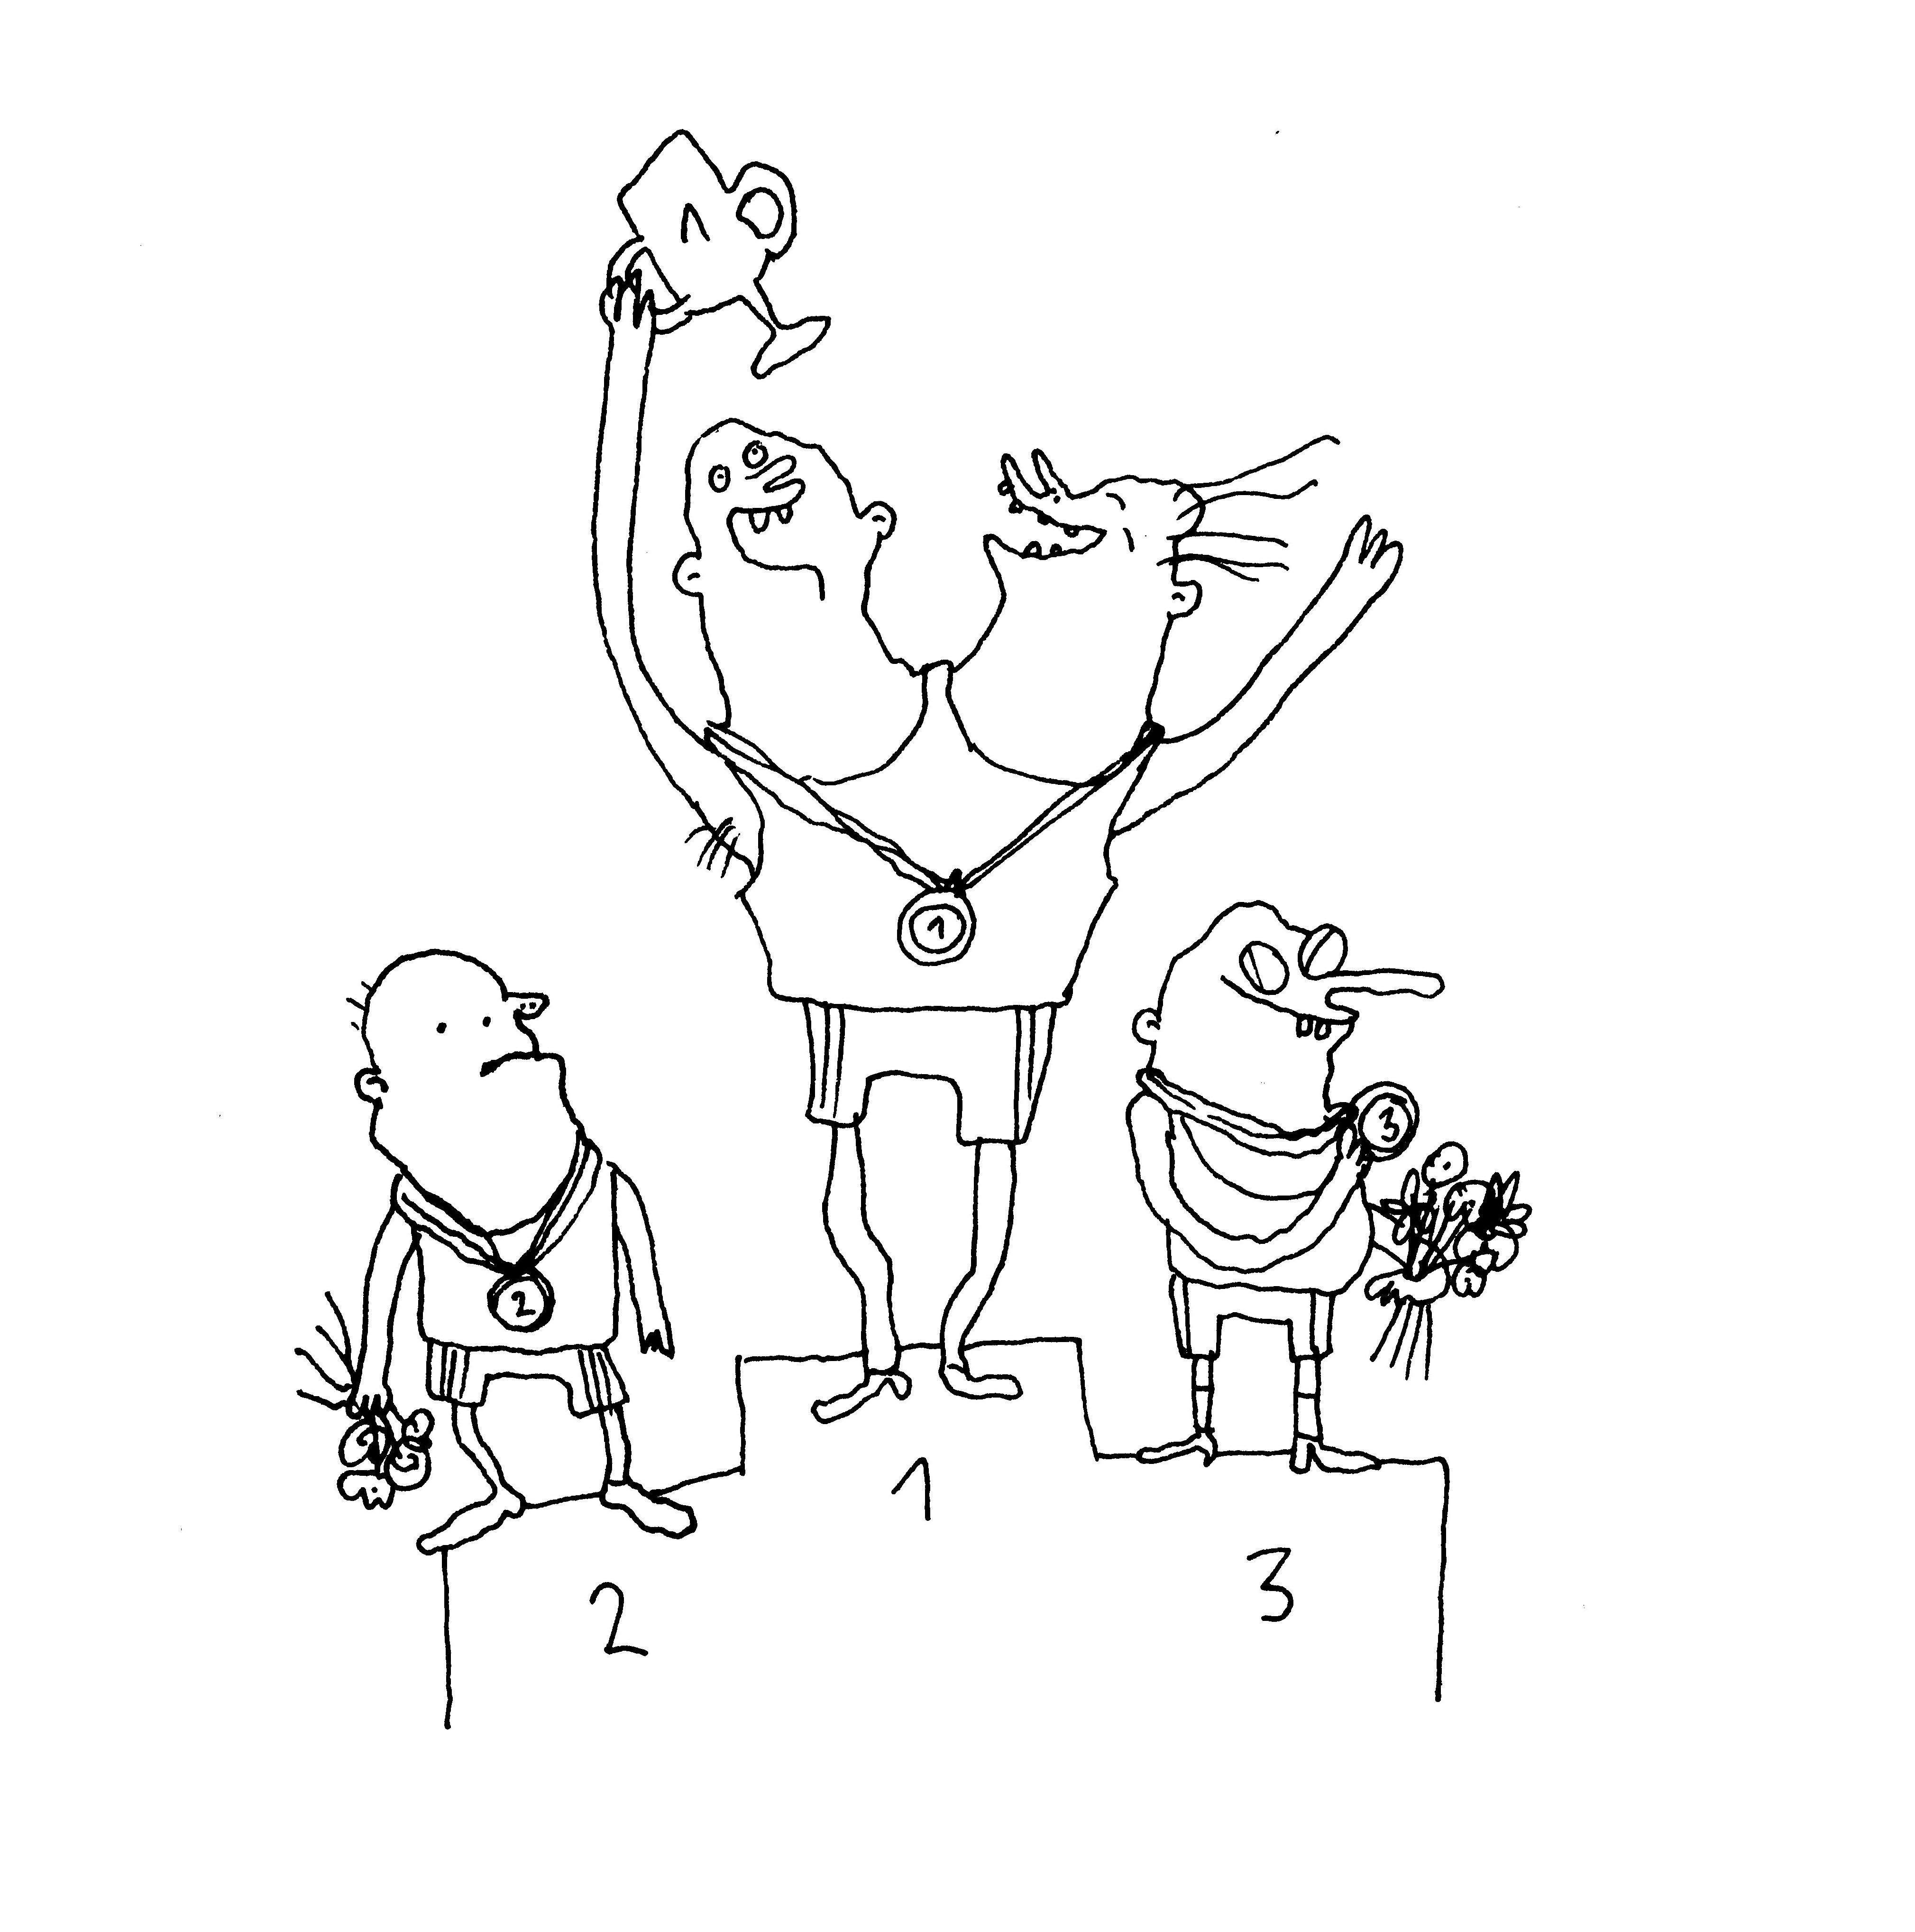 Figuren auf einem Podest